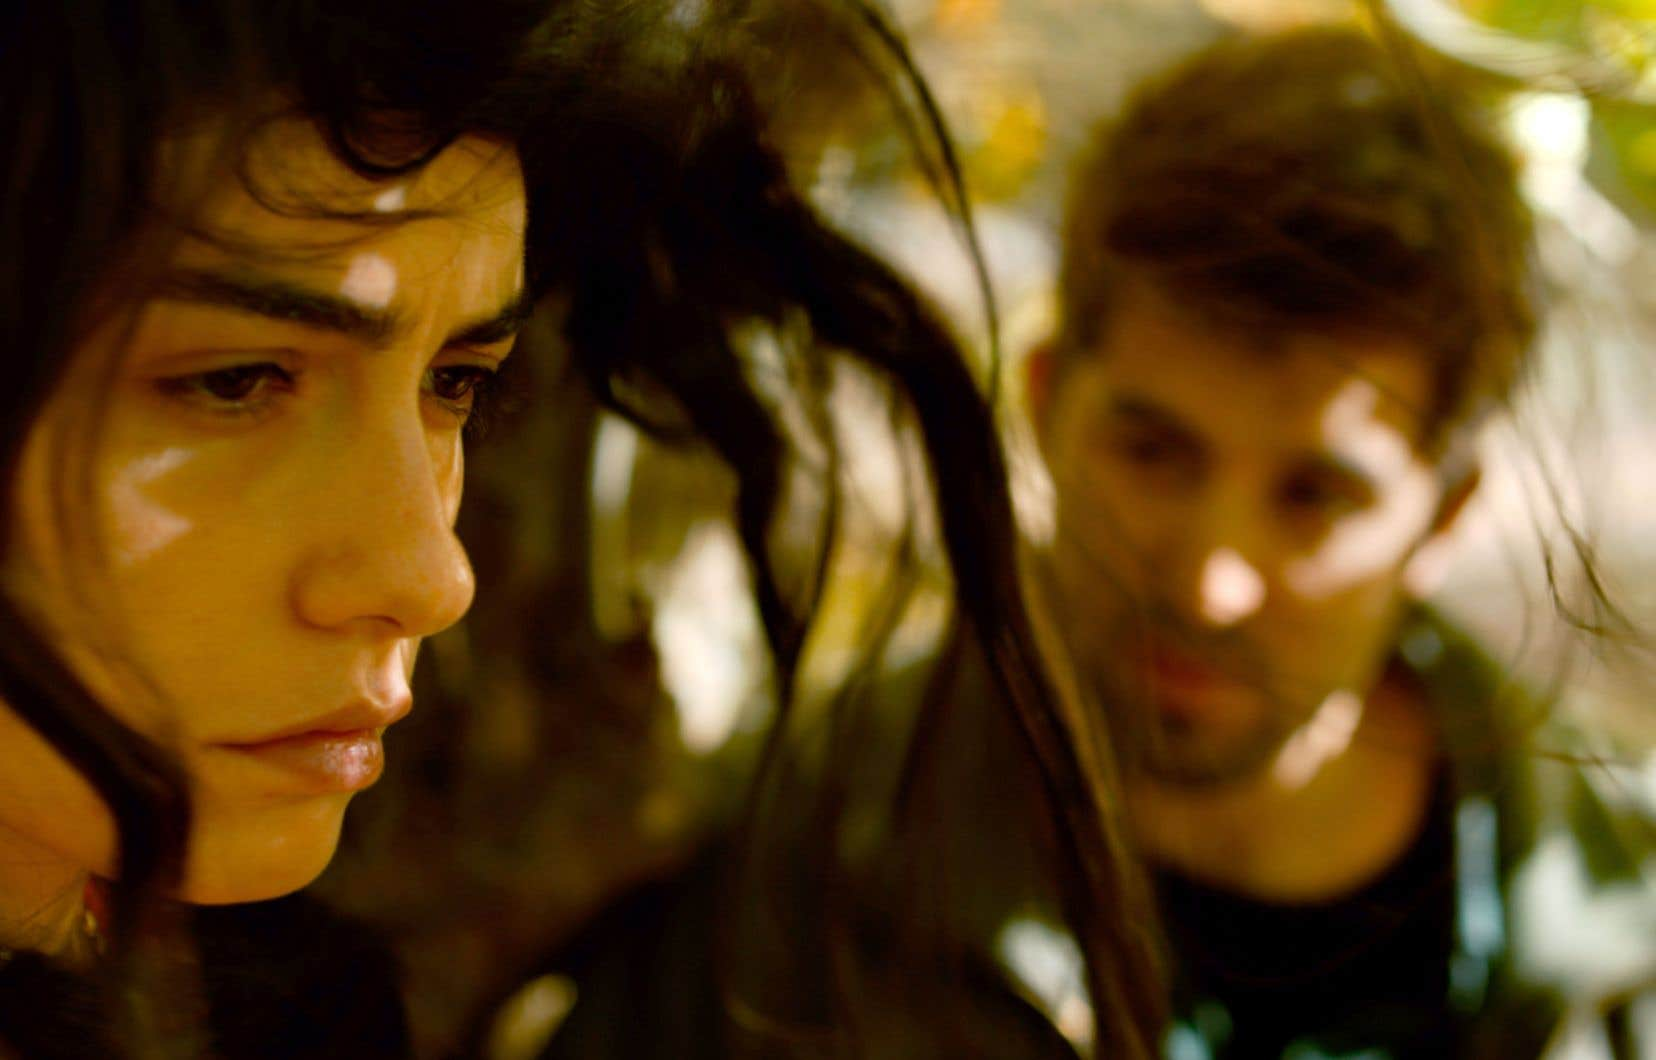 Rencontre clandestine entre Sinan et Hatice, une ancienne camarade de classe. Dissimulés par un arbre, ils échangent: elle lui remet son arrogance sous le nez, il interroge ses choix sans réaliser qu'elle n'est guère maîtresse de son destin…